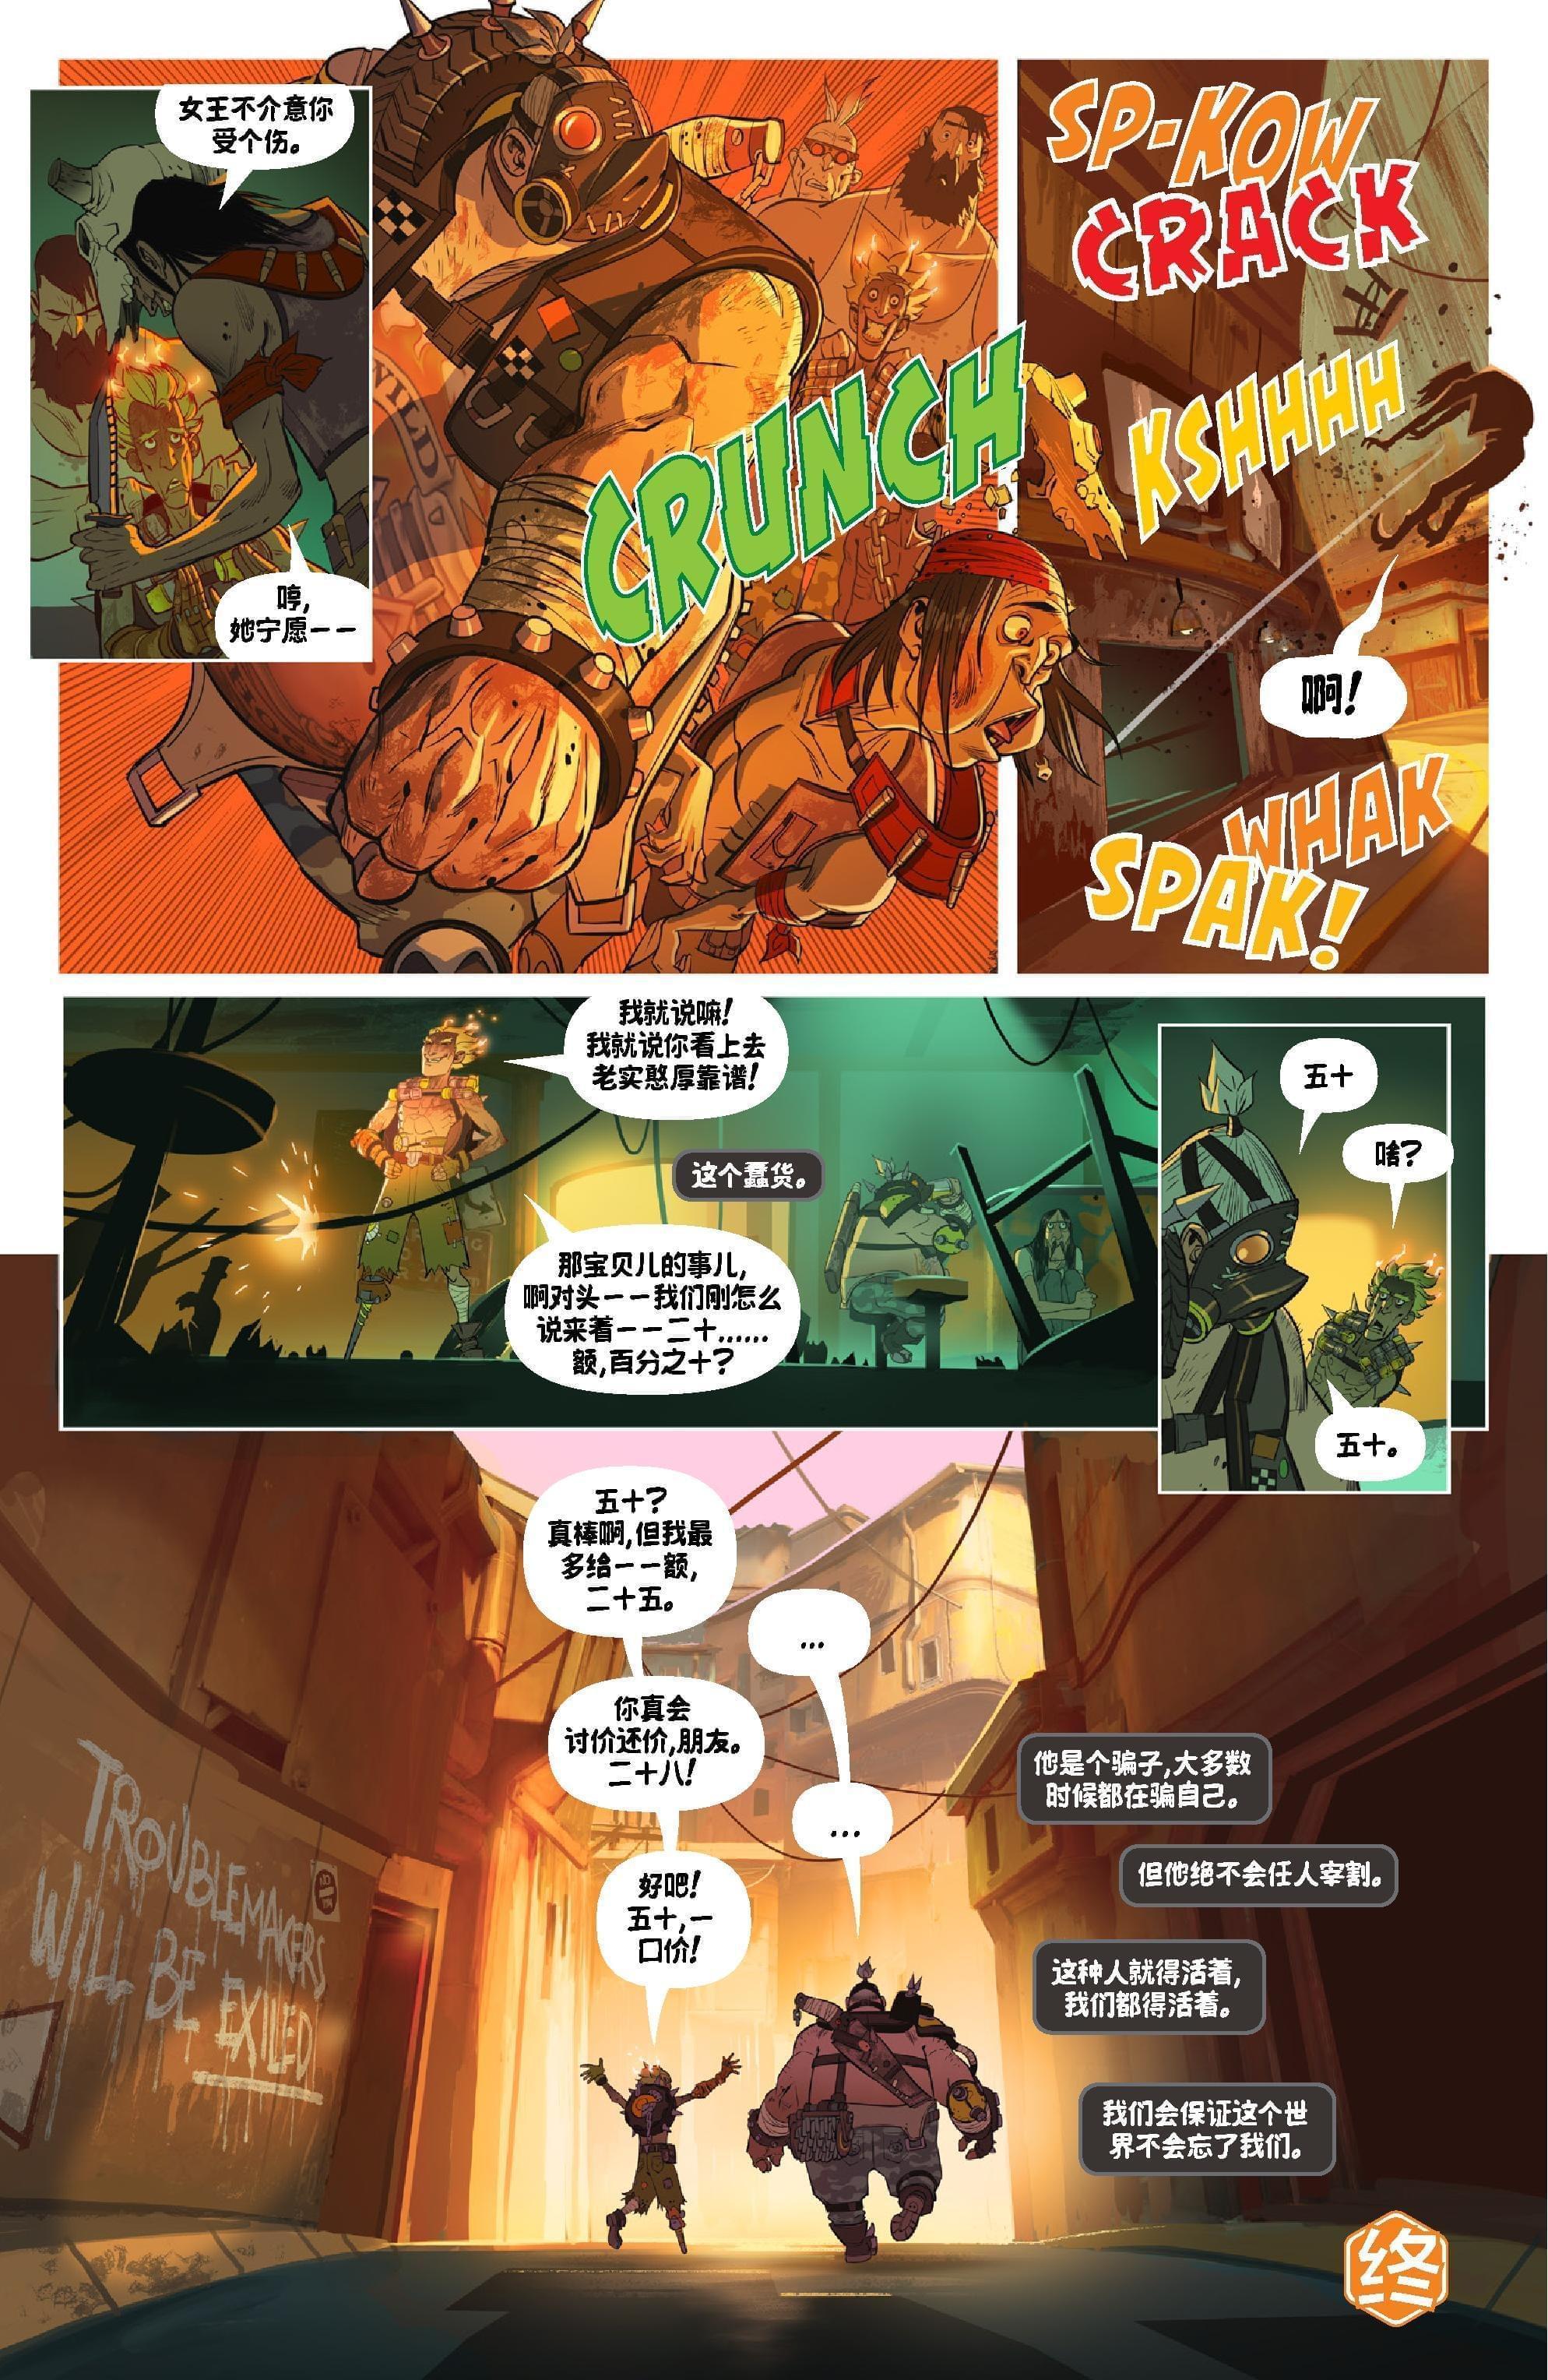 守望先锋新漫画《废土》公布 澳洲二人组集结!